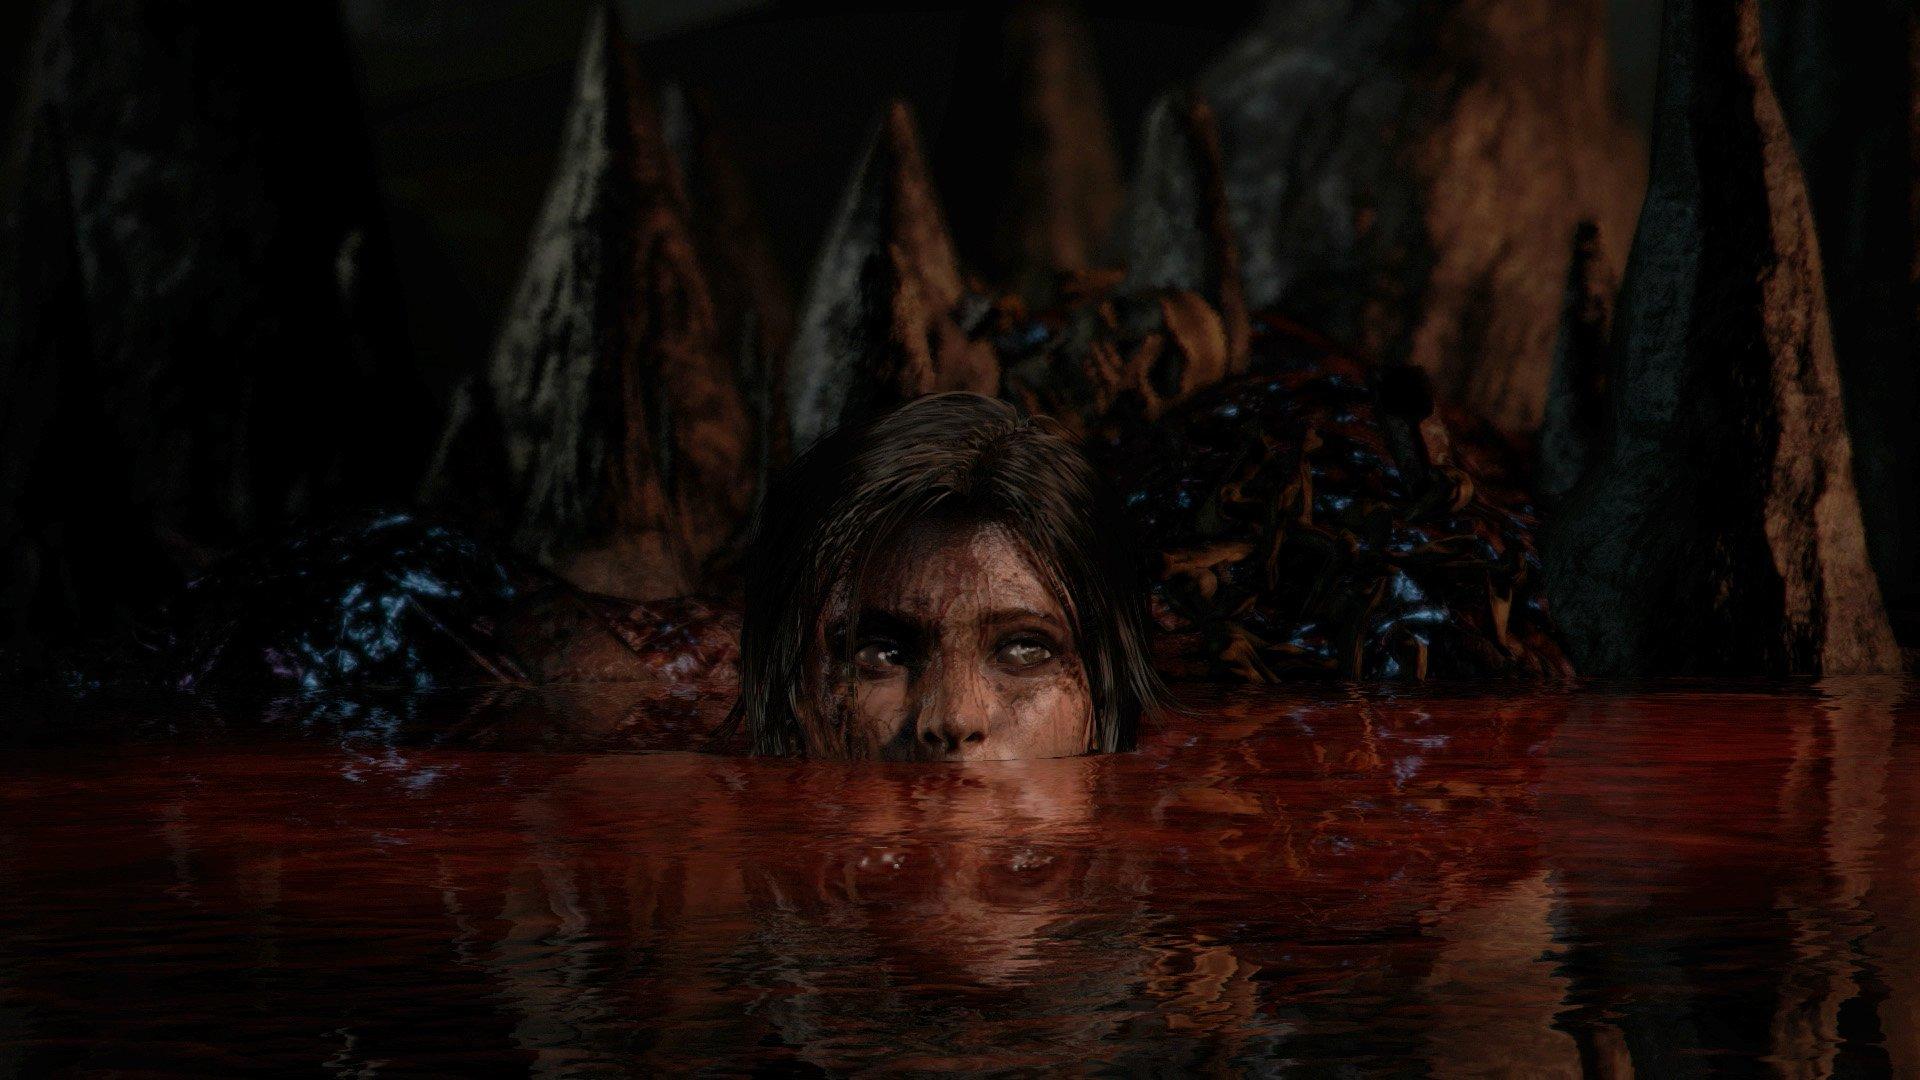 تصاویر جدیدی از بازی Tomb Raider Definitive Edition منتشر شد | یوروگیمر